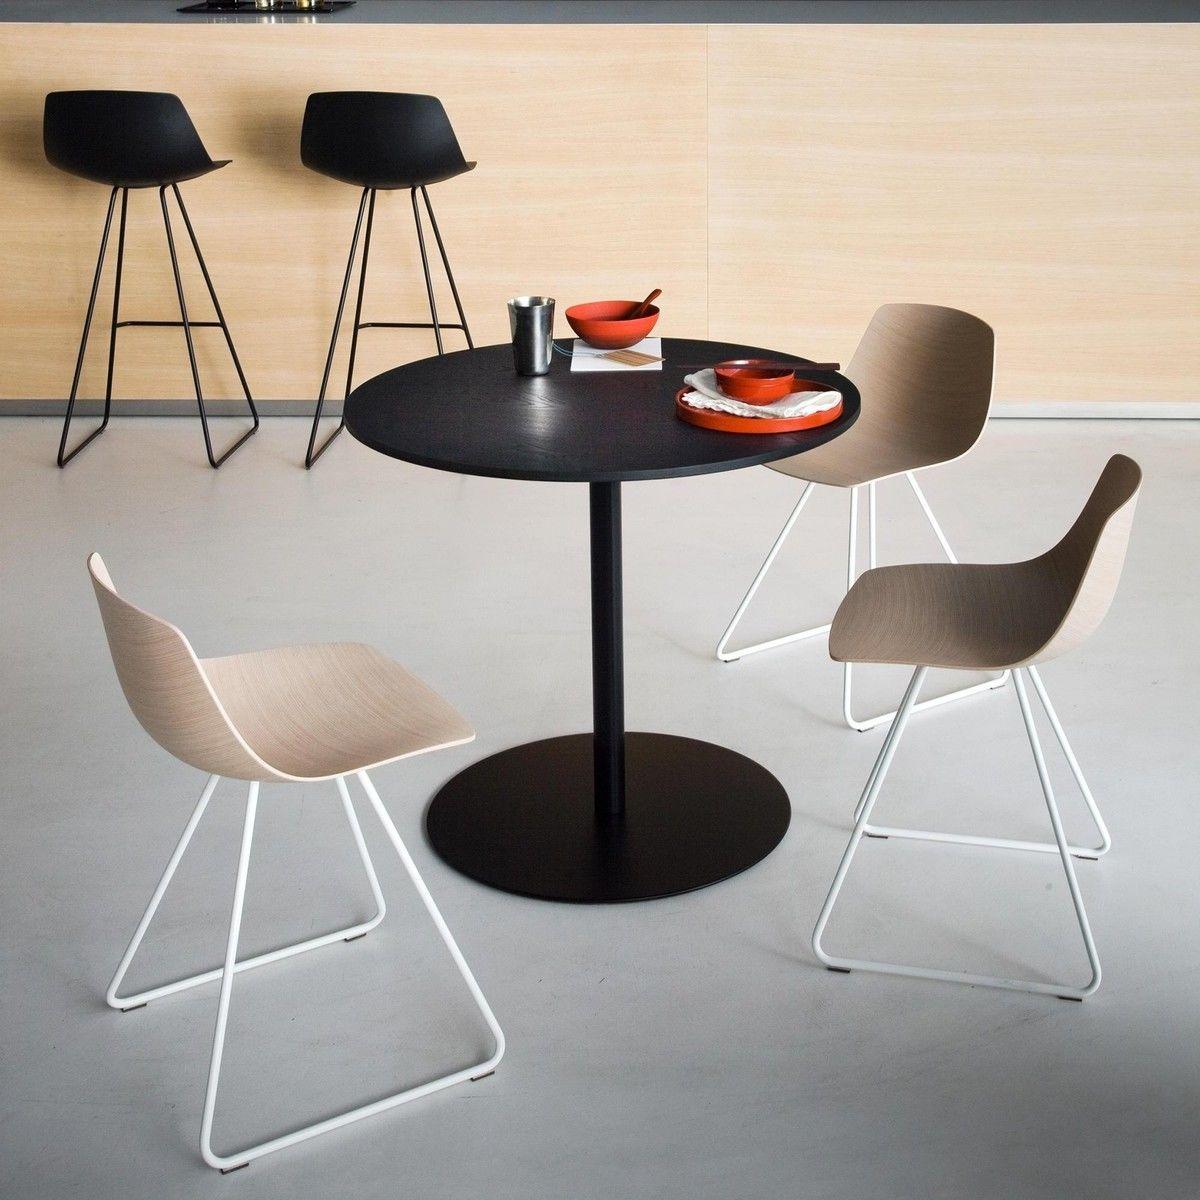 Brio fix 72 bistro coffee table frame black la palma for Coffee table 72 inch